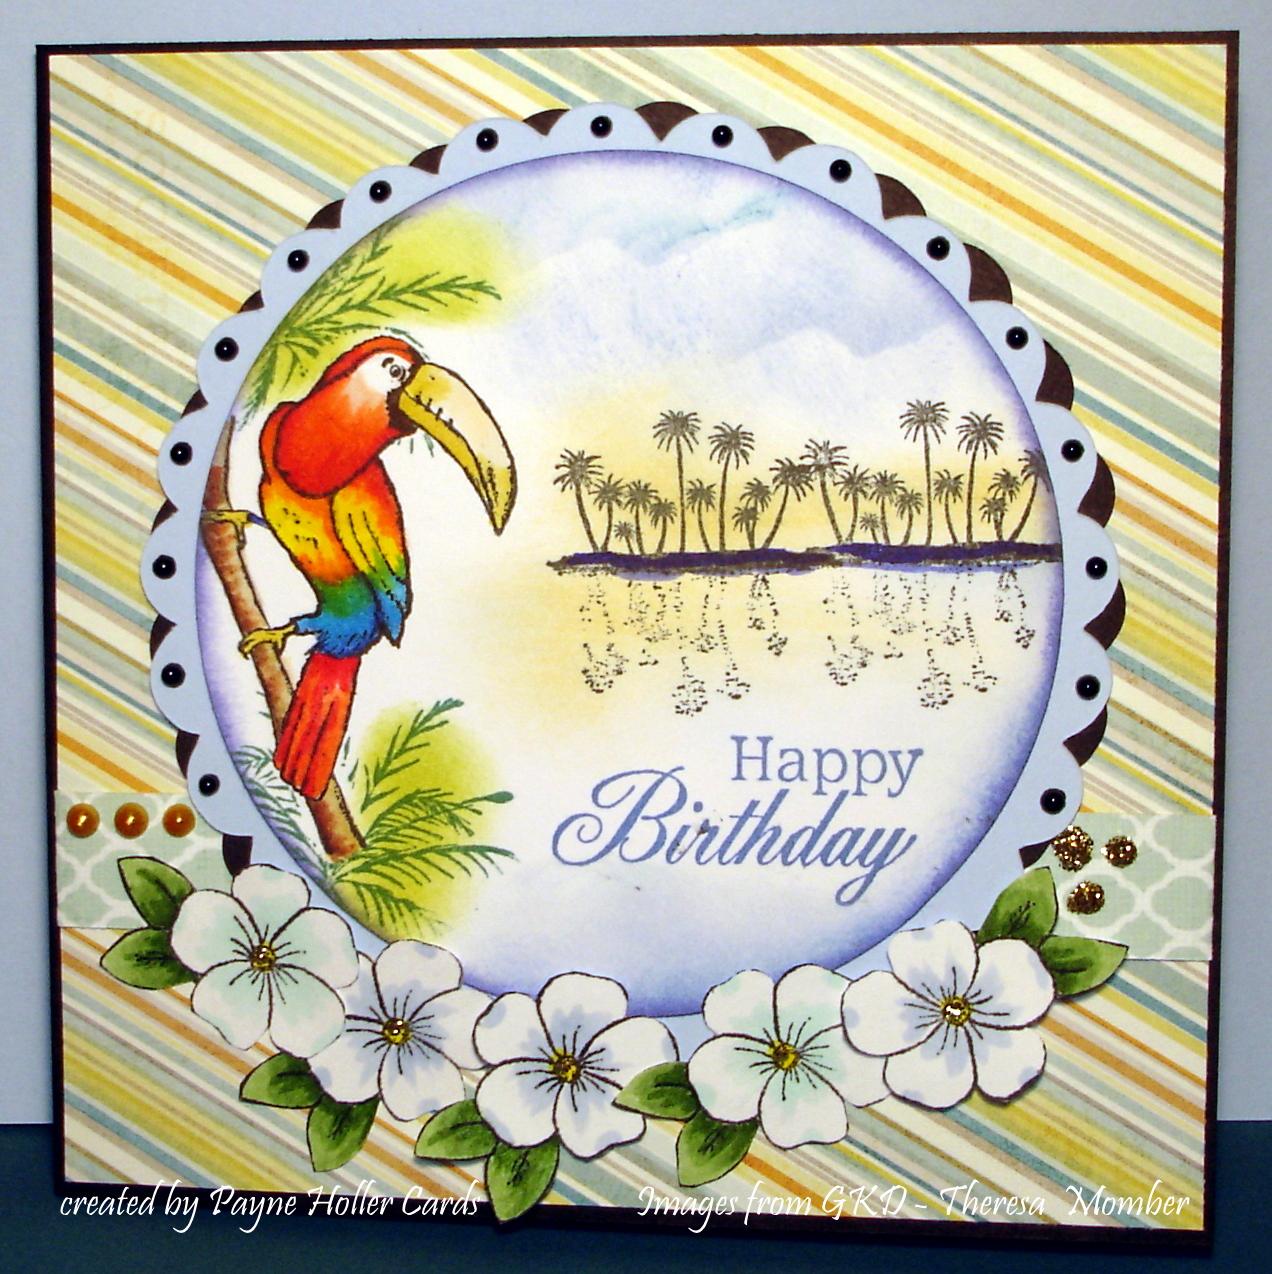 Payne Holler Cards: Tropical Birthday